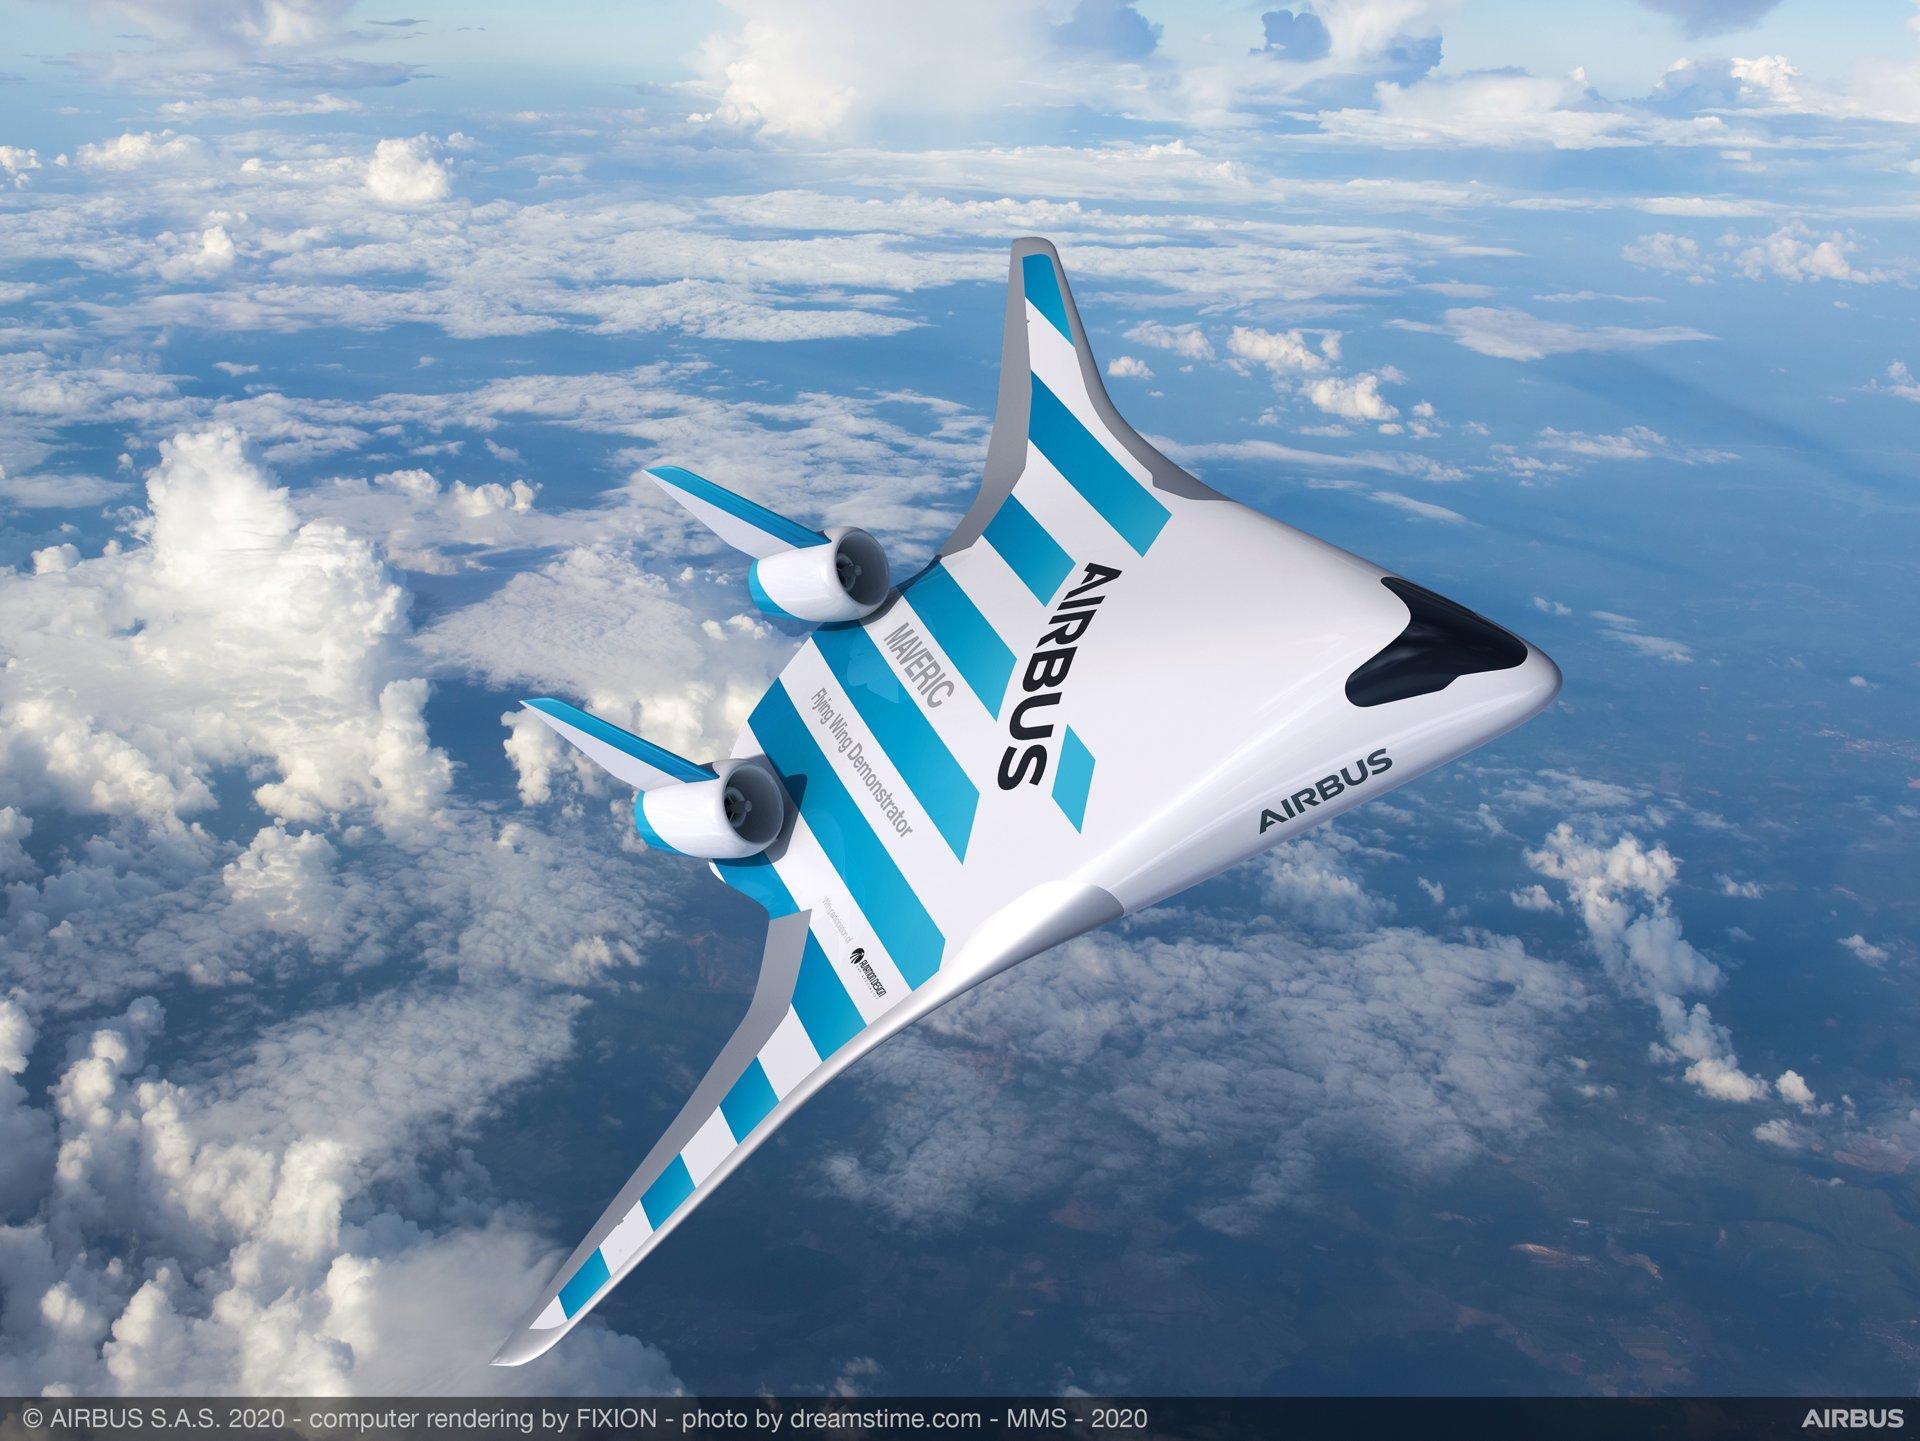 Самолет будущего: Airbus планирует изменить форму пассажирских авиалайнеров